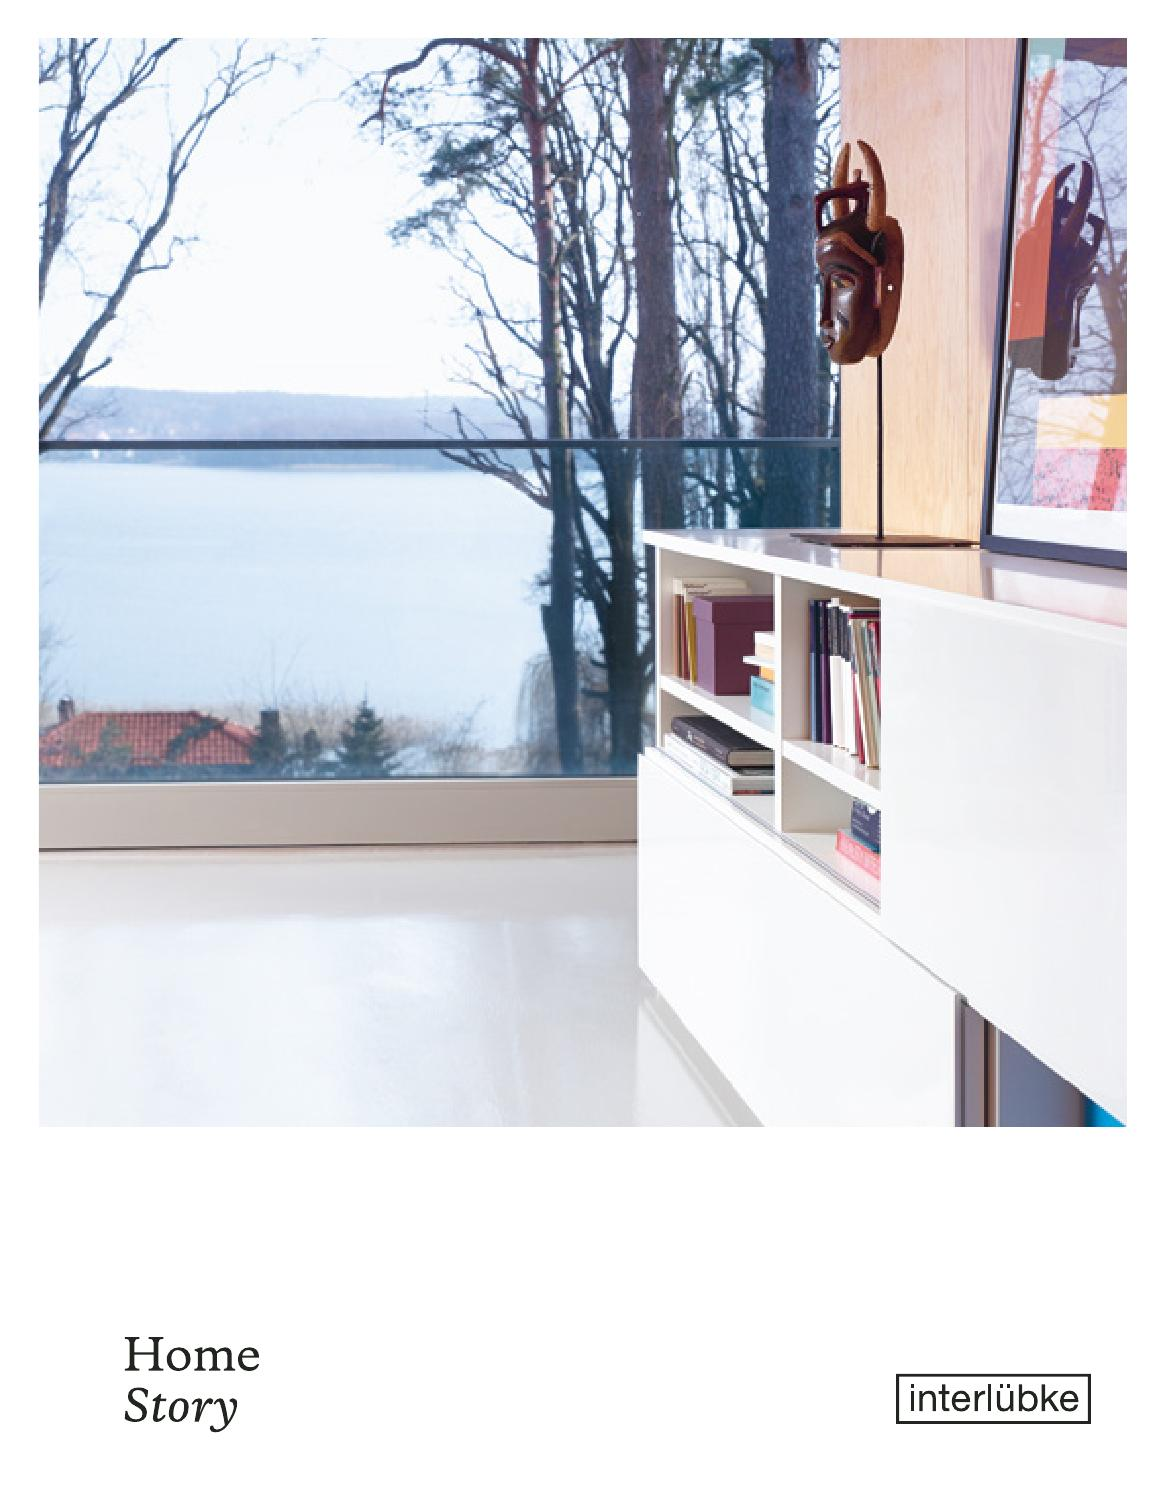 Interlübke Lookbook 9 by BWA Holding AG - issuu